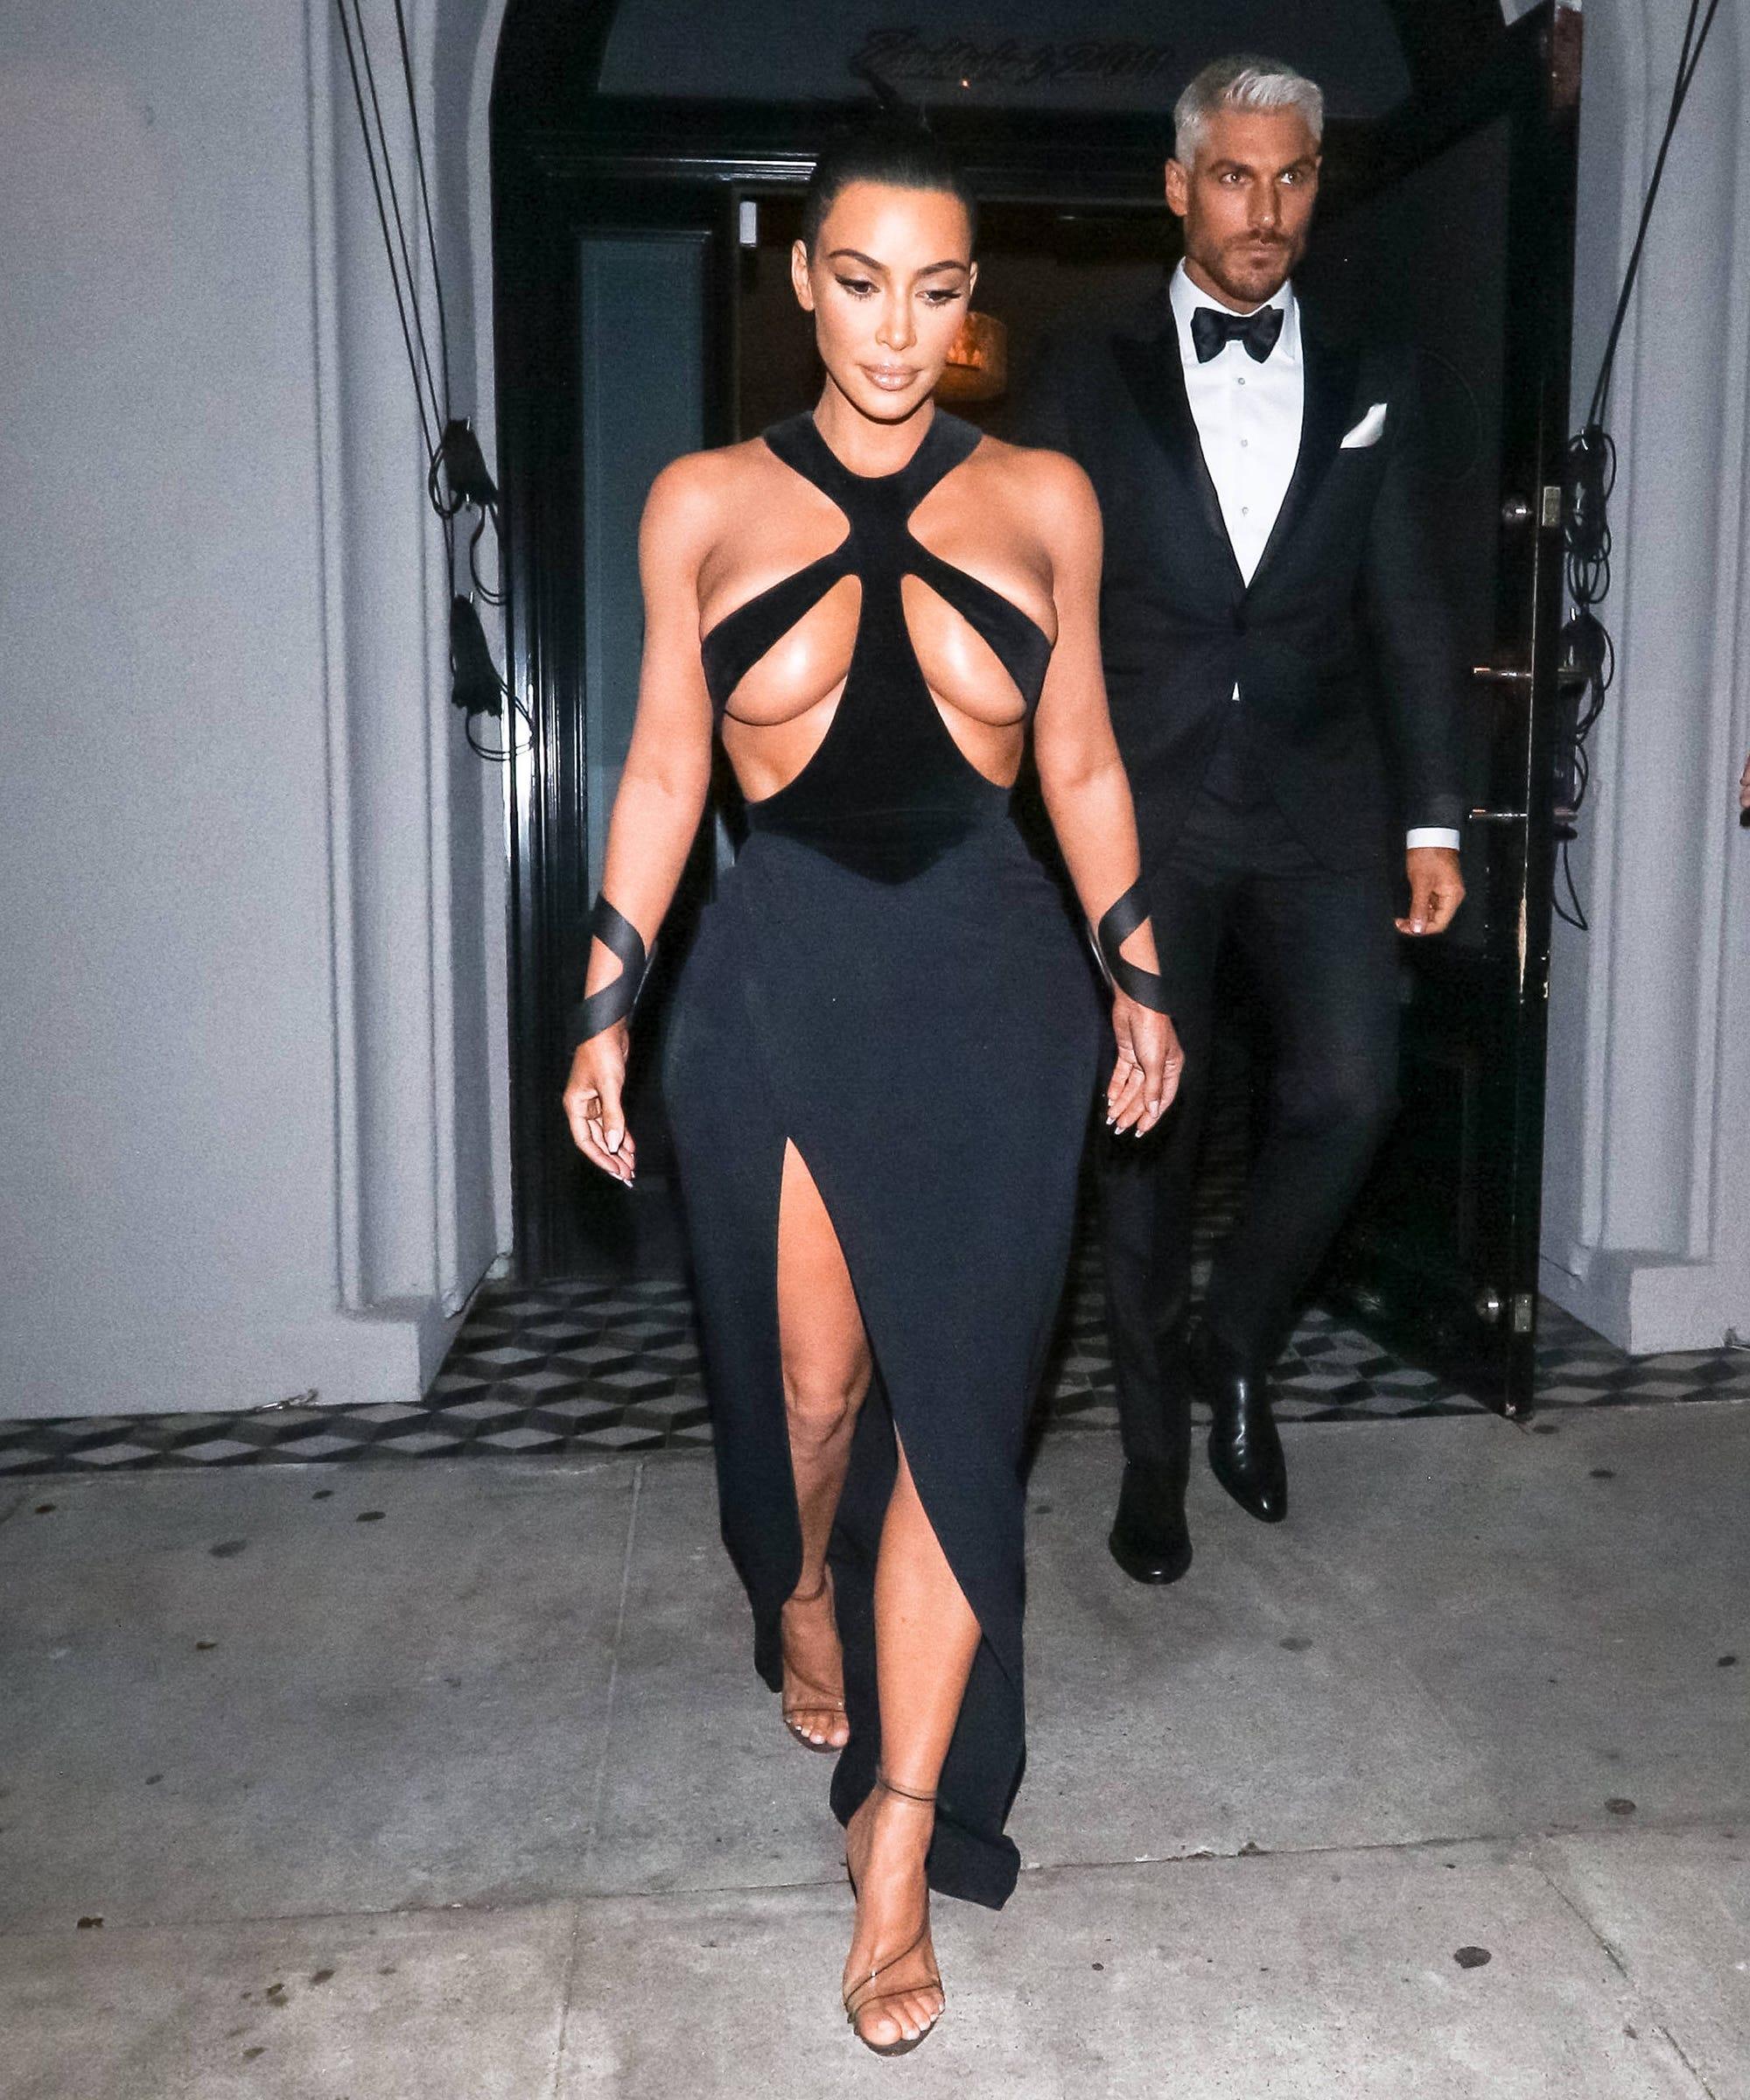 Fashion Nova Responds To Kim Kardashian's Twitter Rant